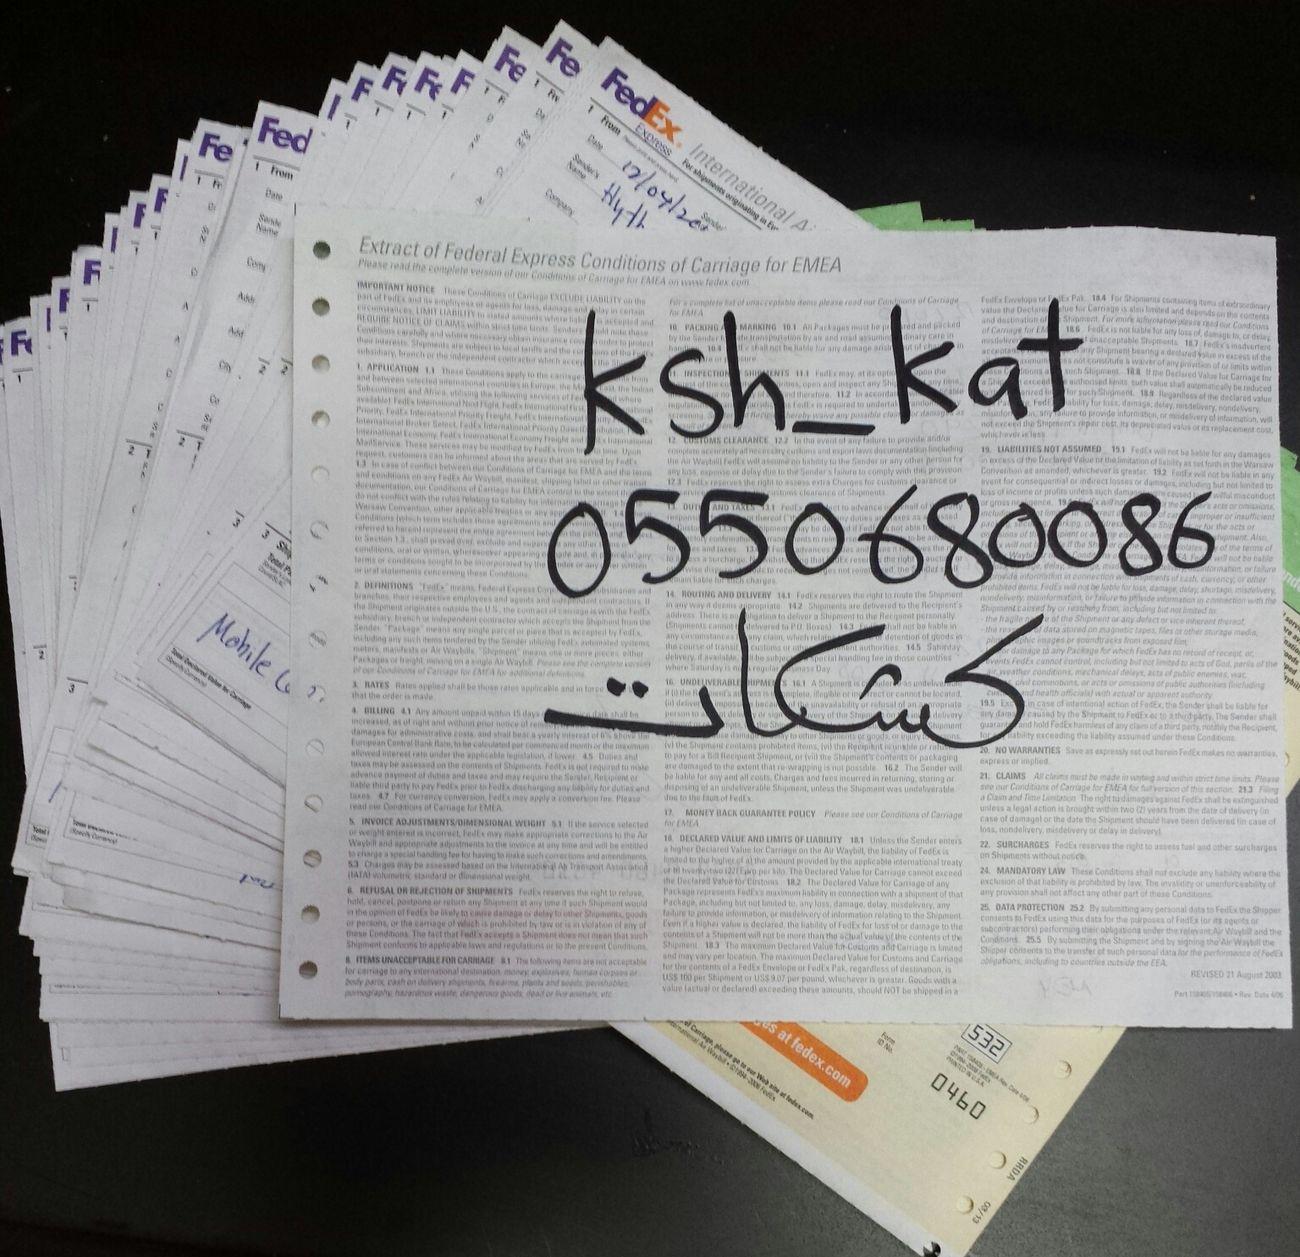 سوق كشكات Kshkat كشكات